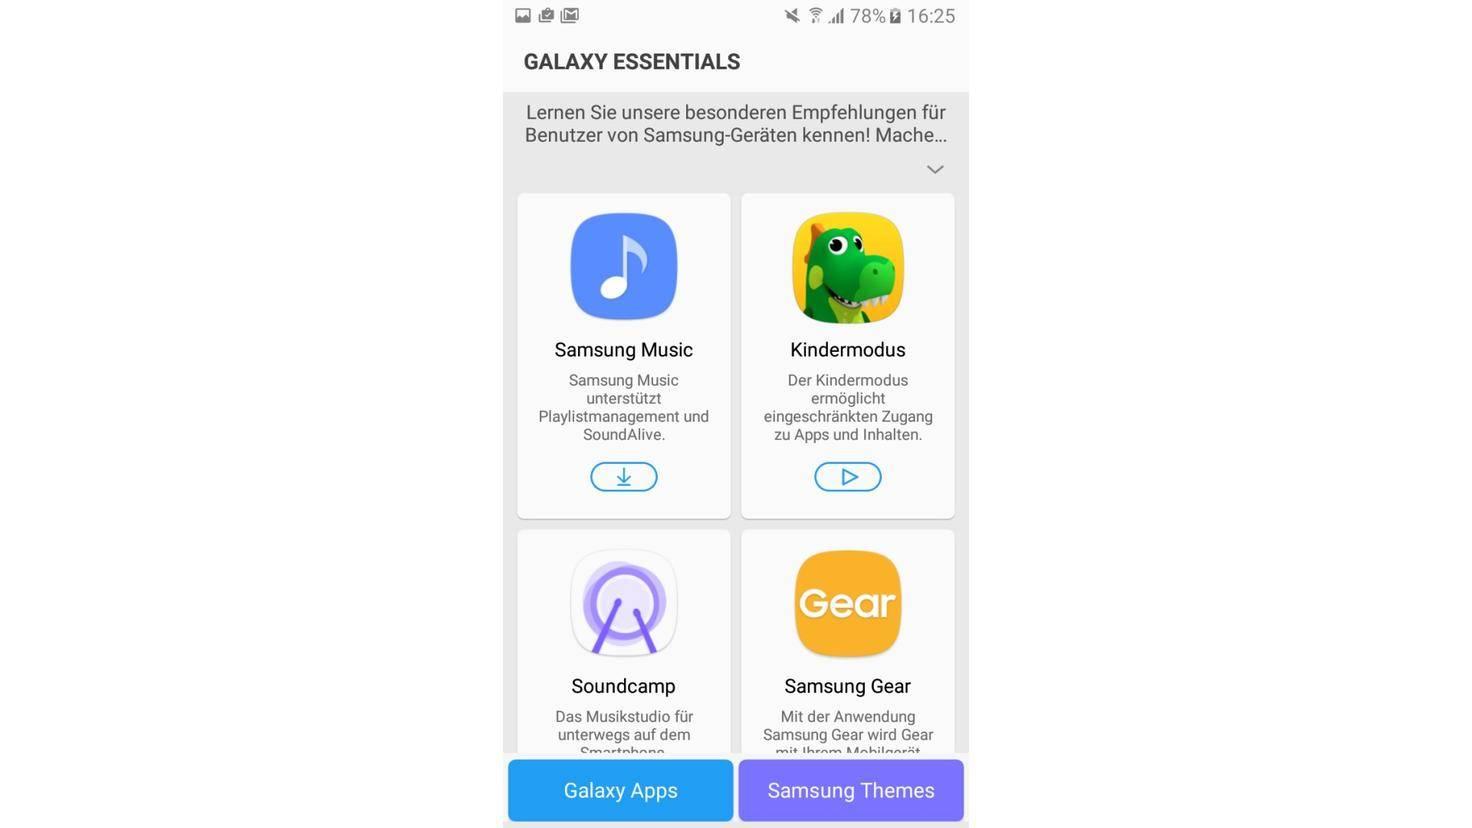 Galaxy A3 2017 Galaxy Essentials